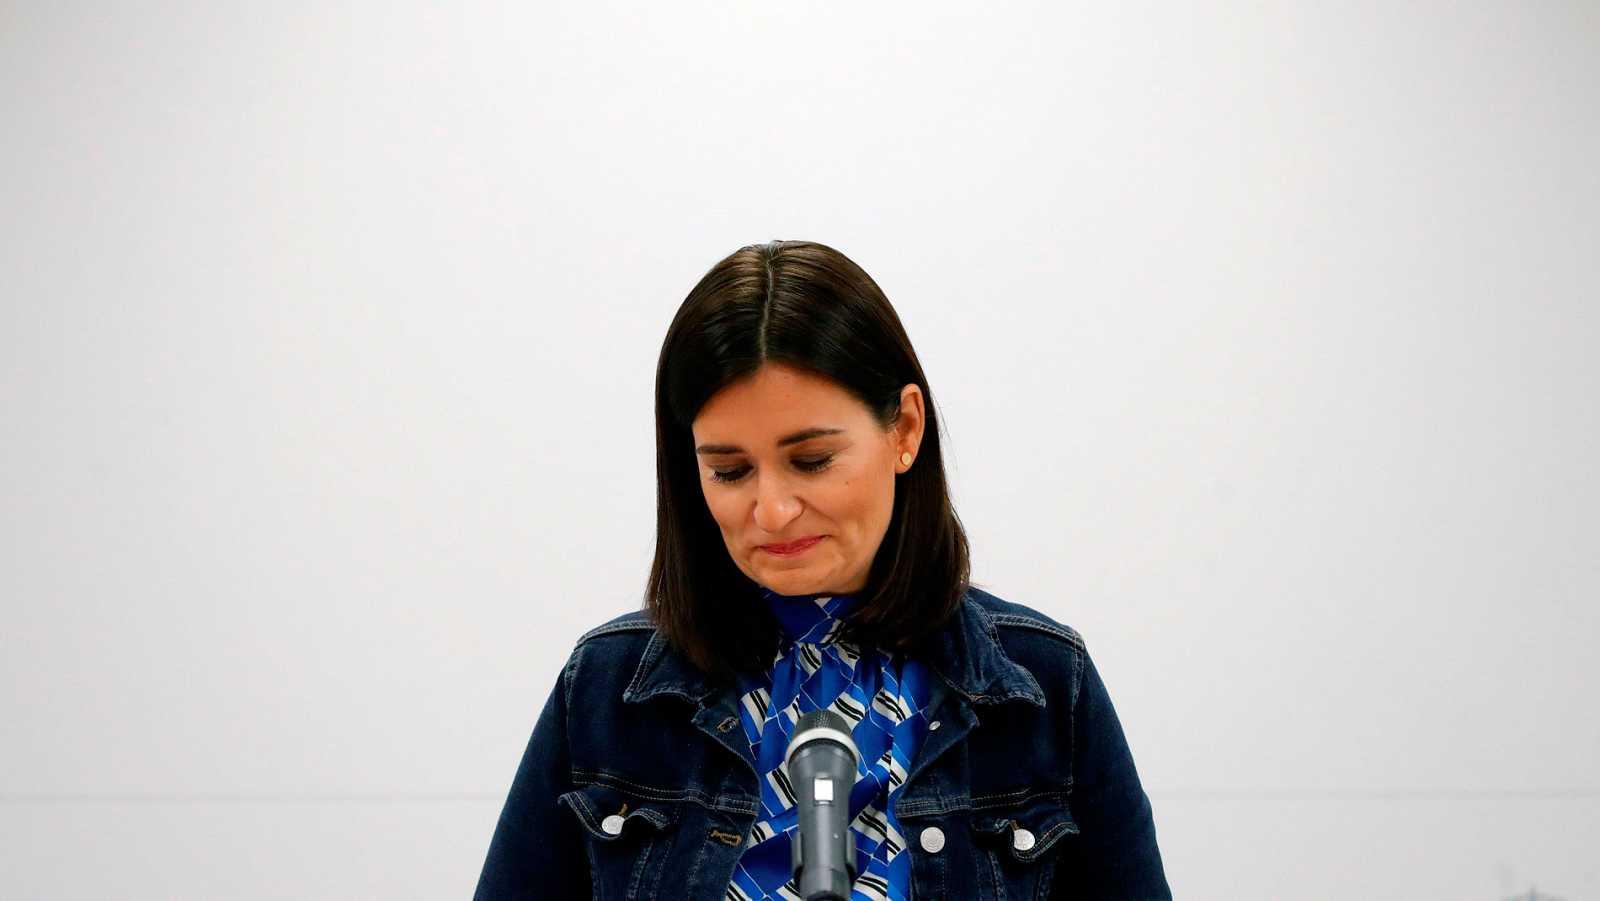 Montón dimite como ministra de Sanidad por su máster para no perjudicar a la labor del Gobierno